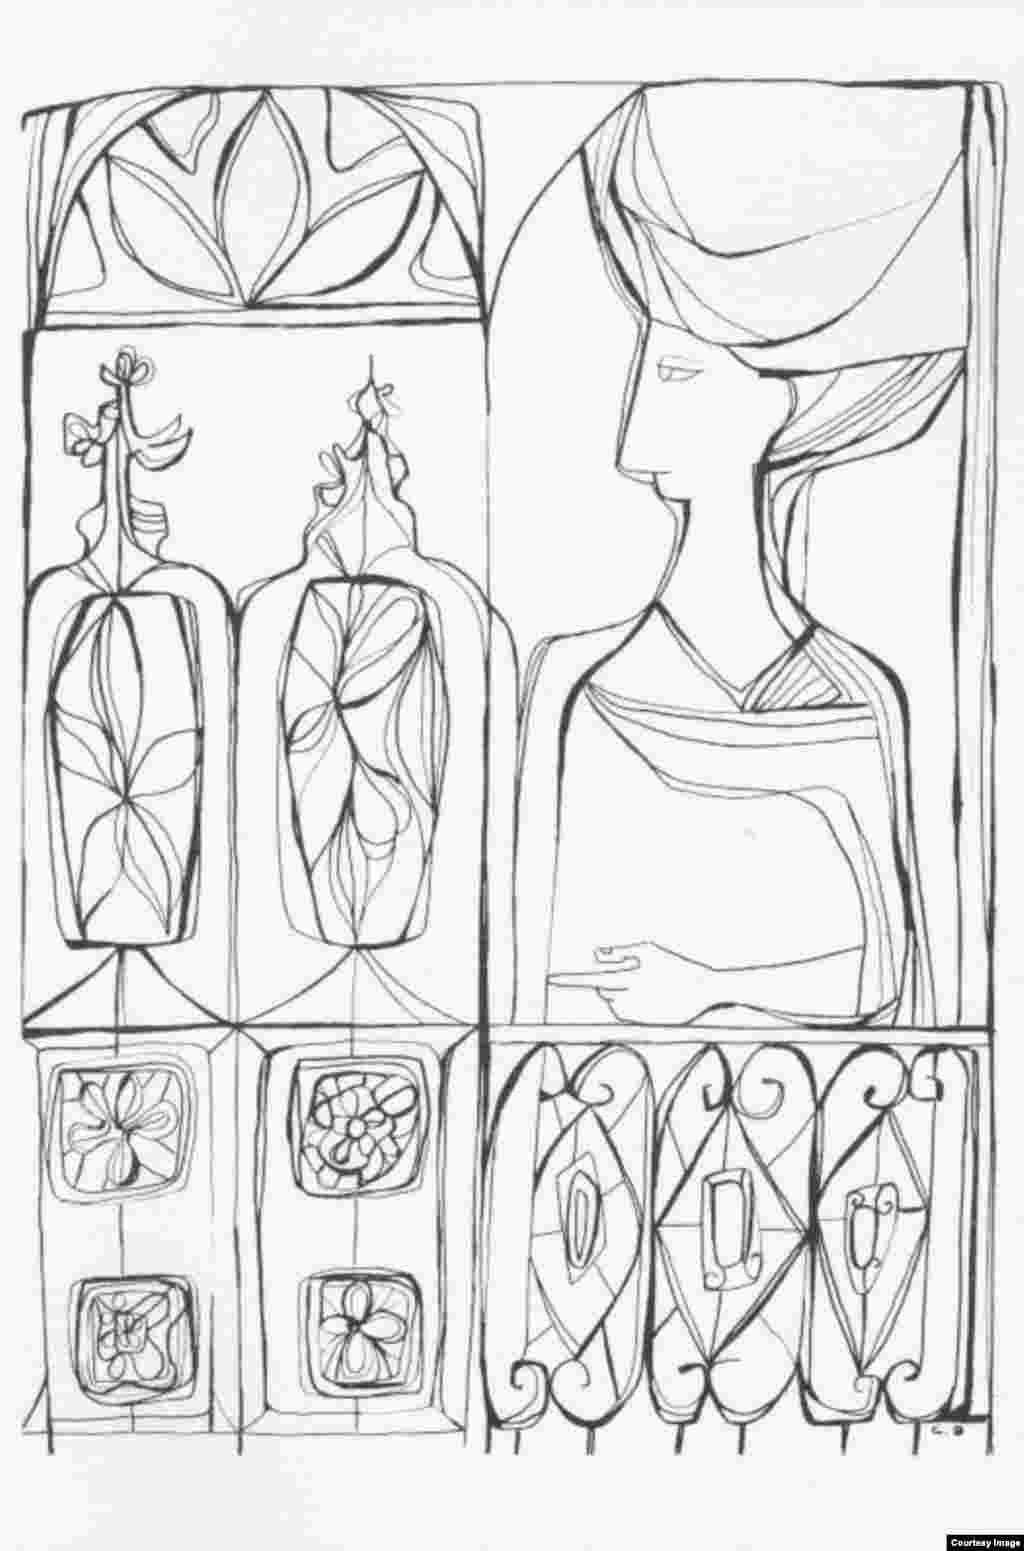 Dibujos de Cundo Bermúdez para el cuaderno Mañas de la poesía.